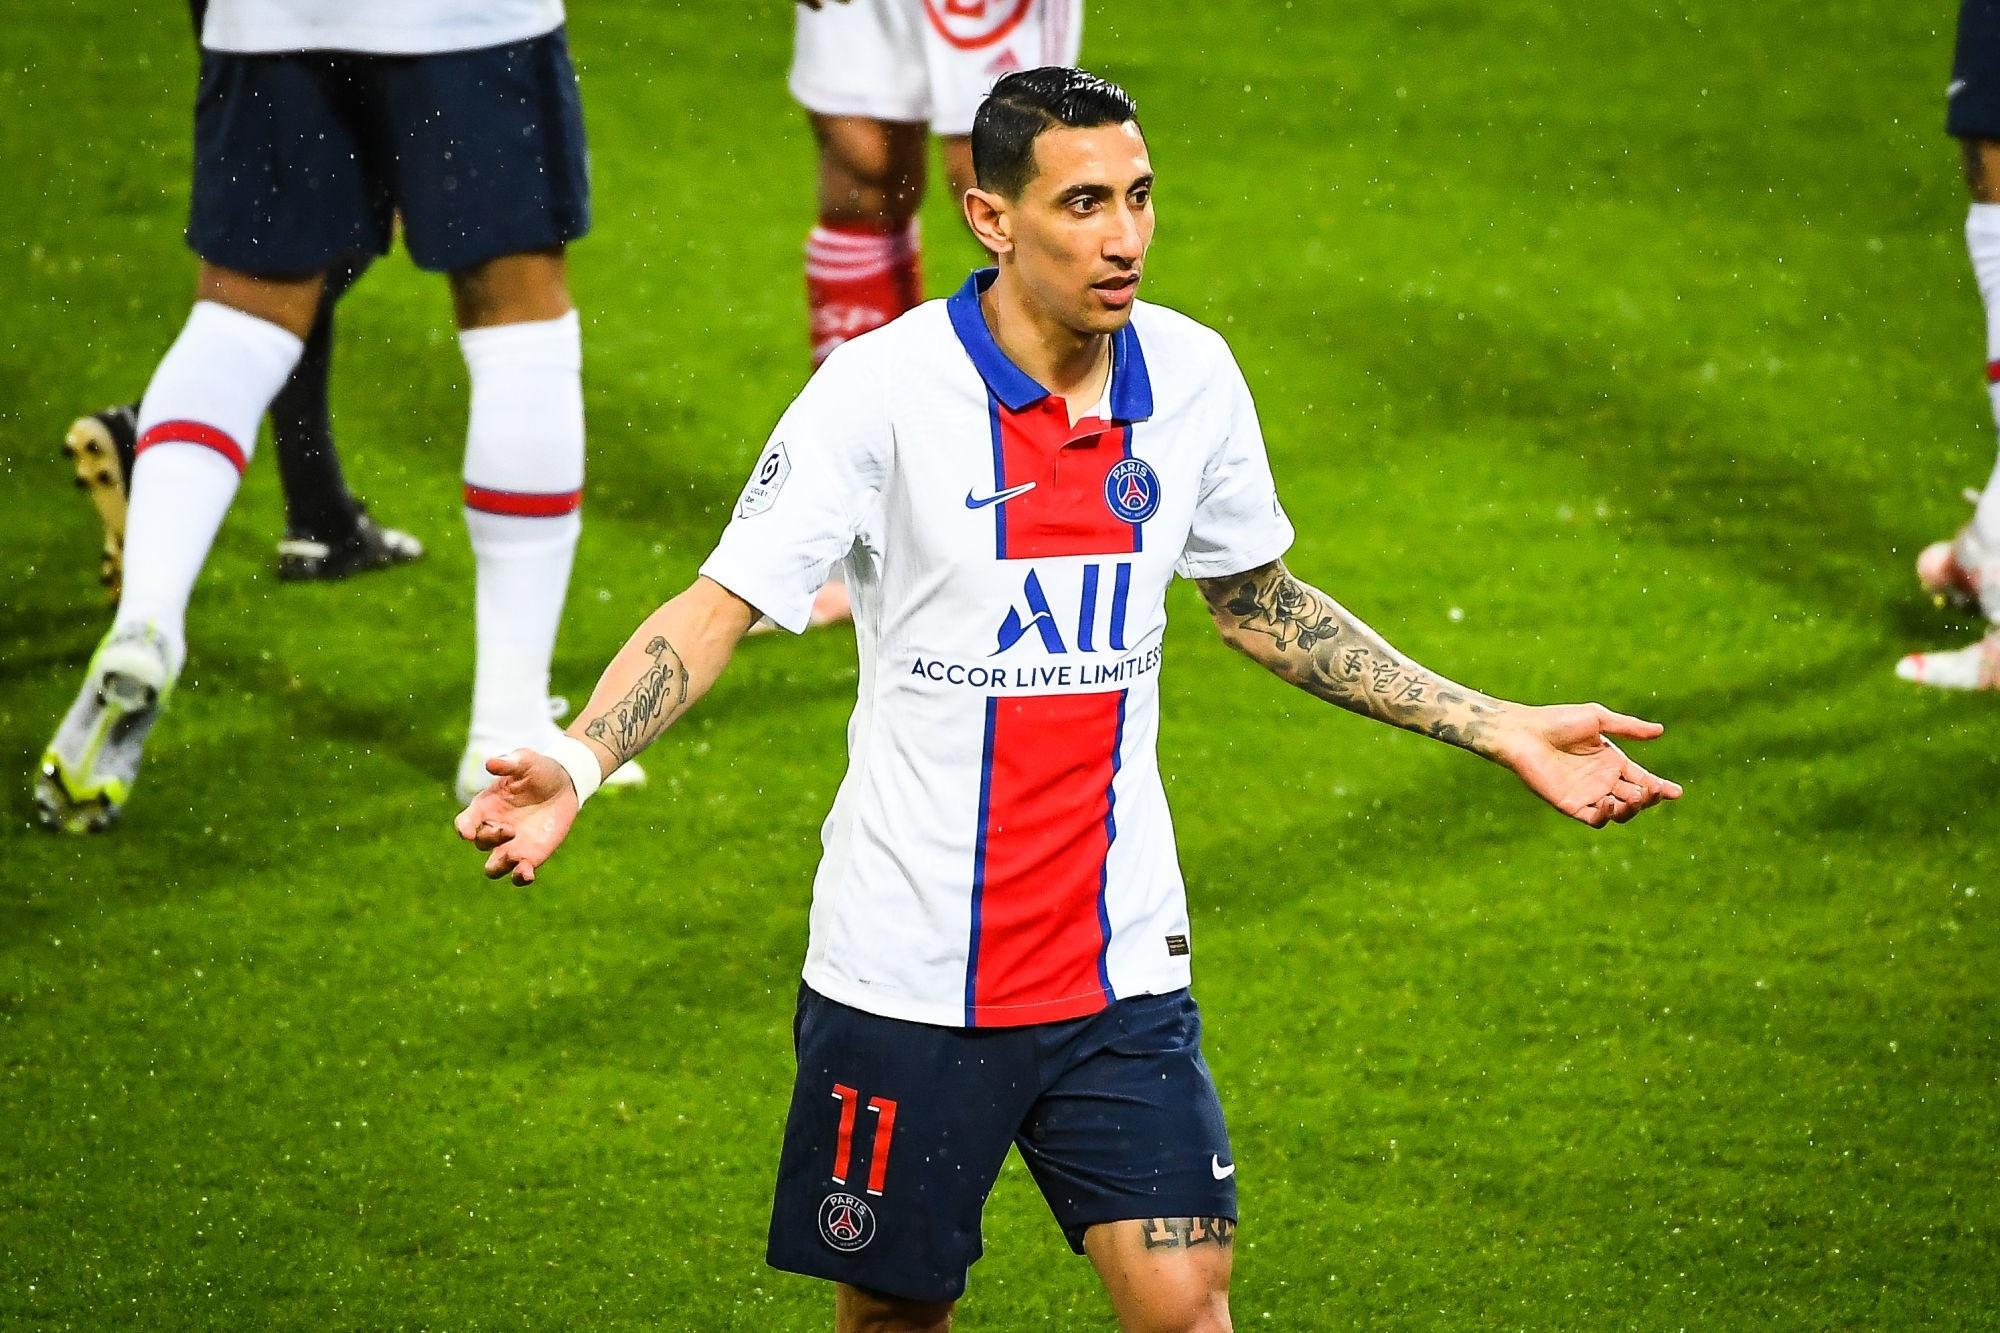 """Brest/PSG - Di Maria veut surtout """"se projeter sur la saison prochaine"""""""